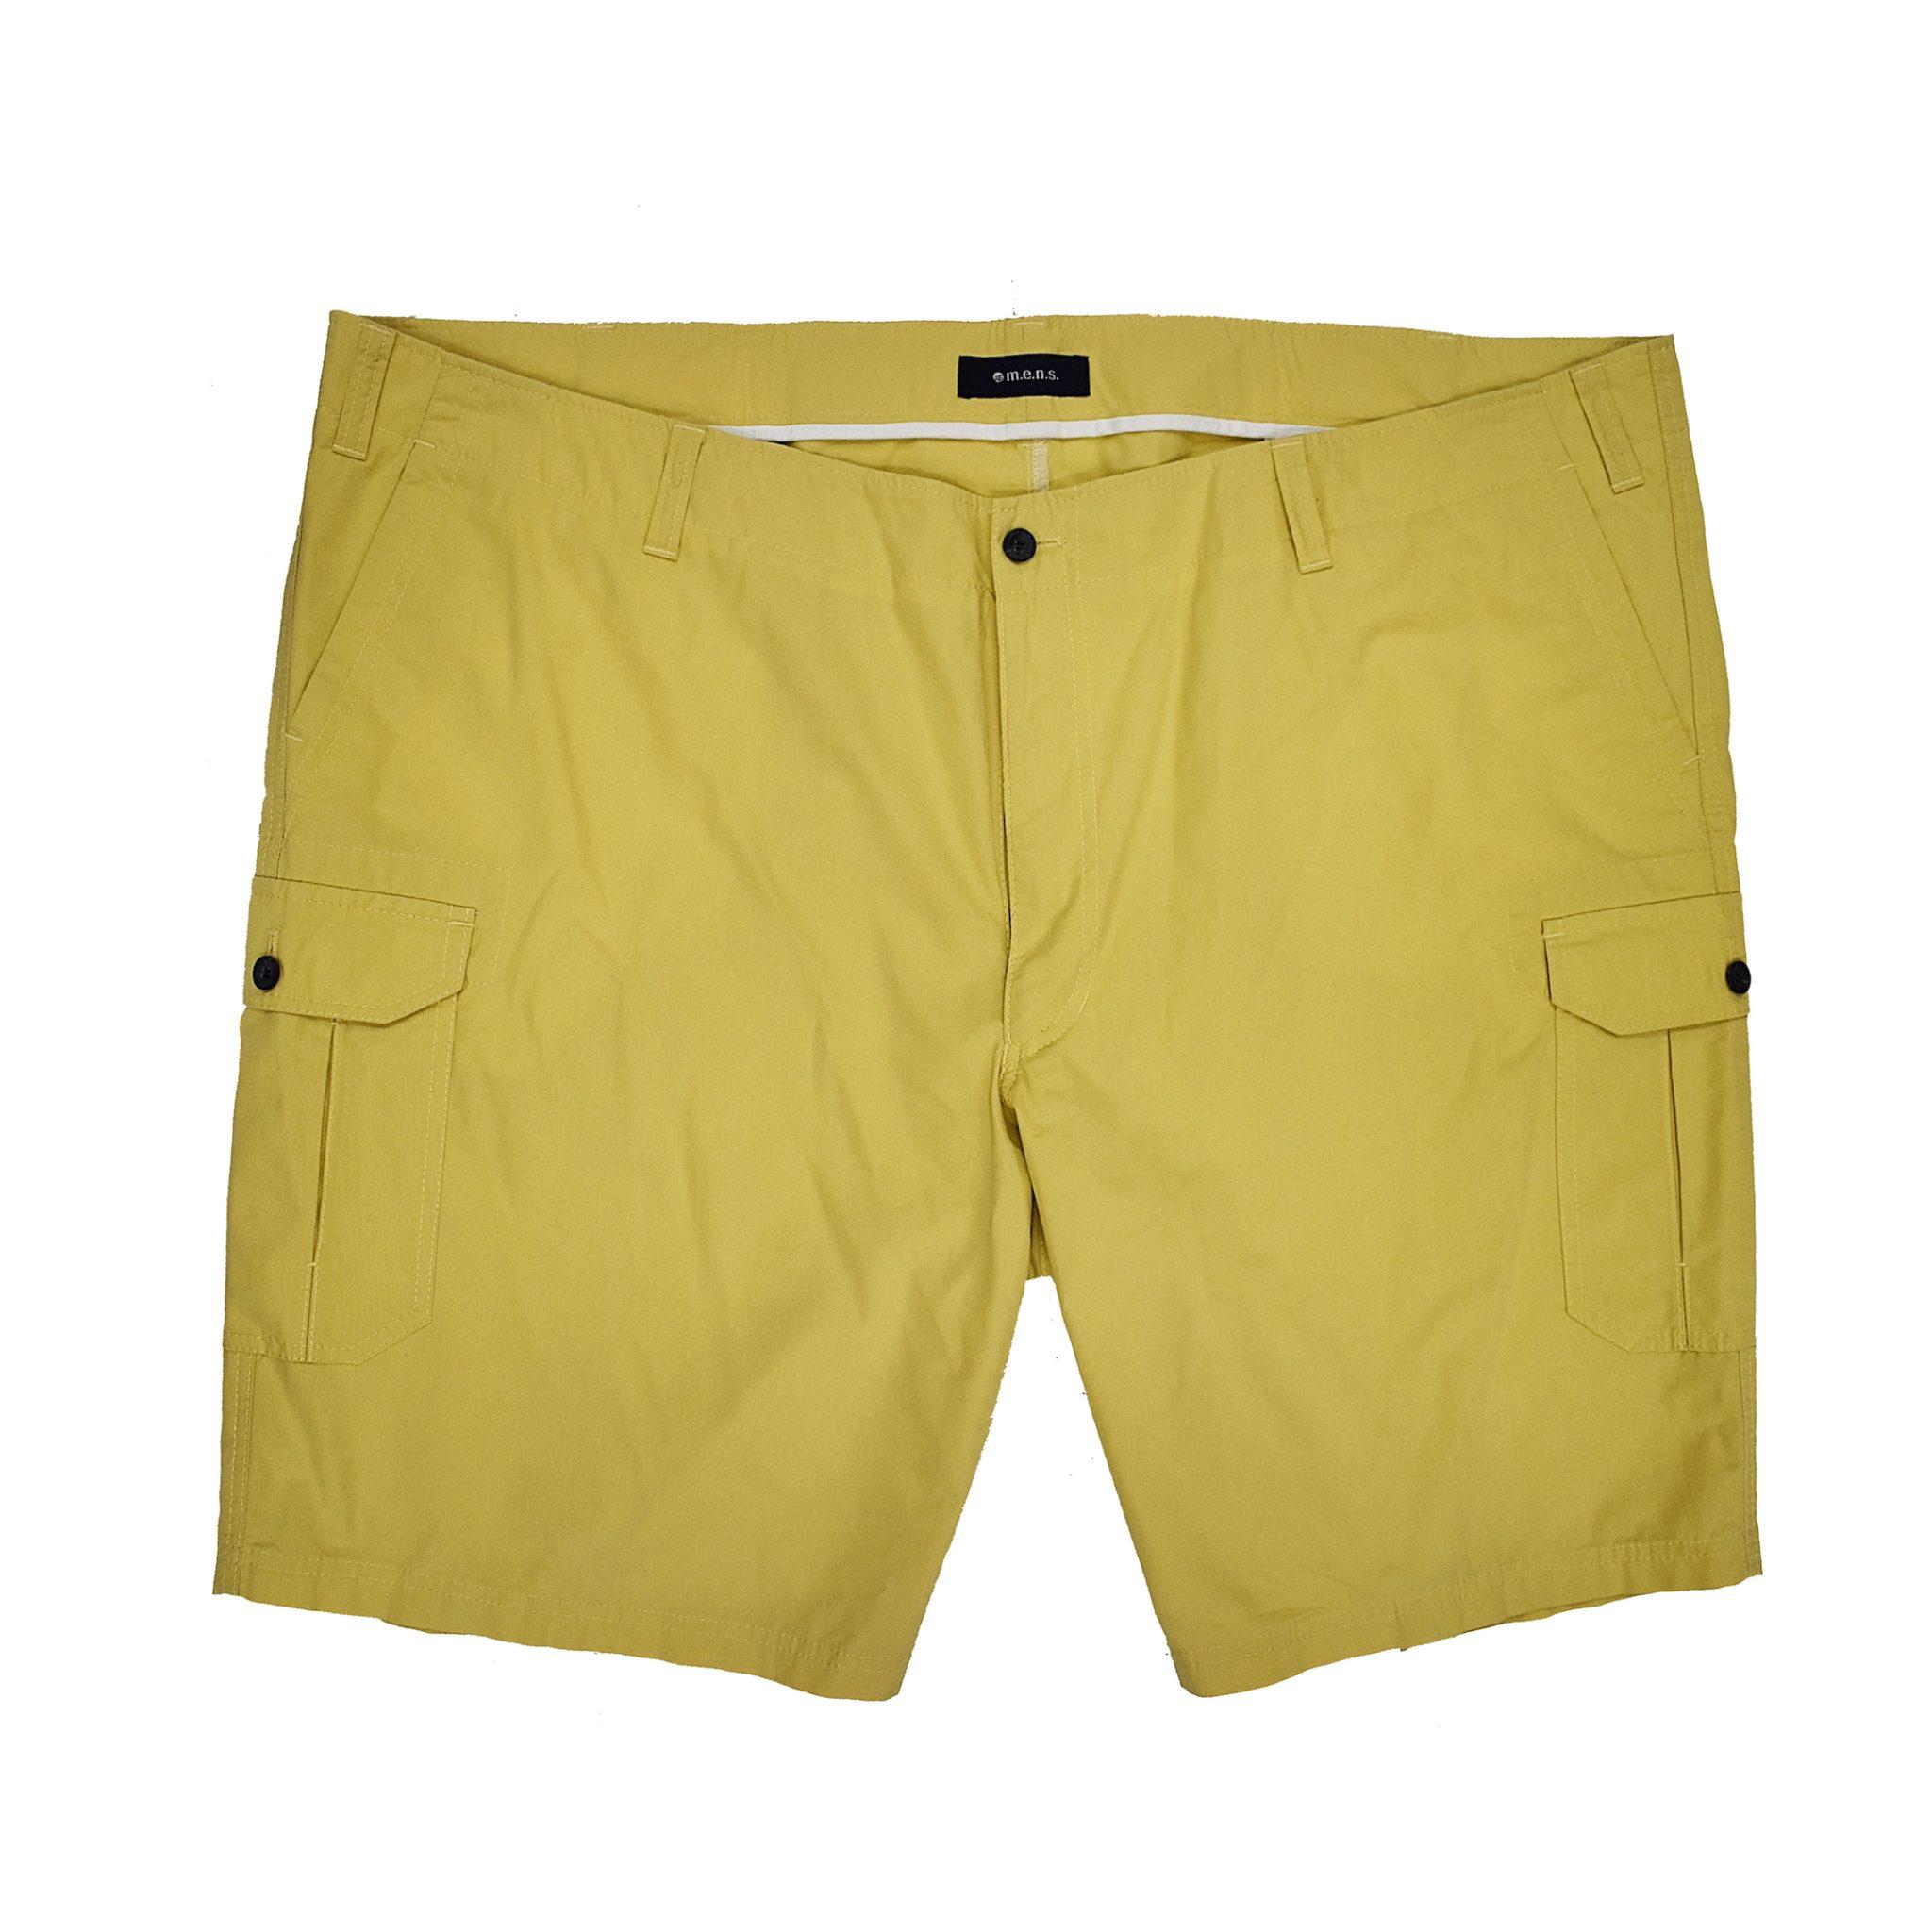 M.E.N.S. grote maat stretch korte broek geel